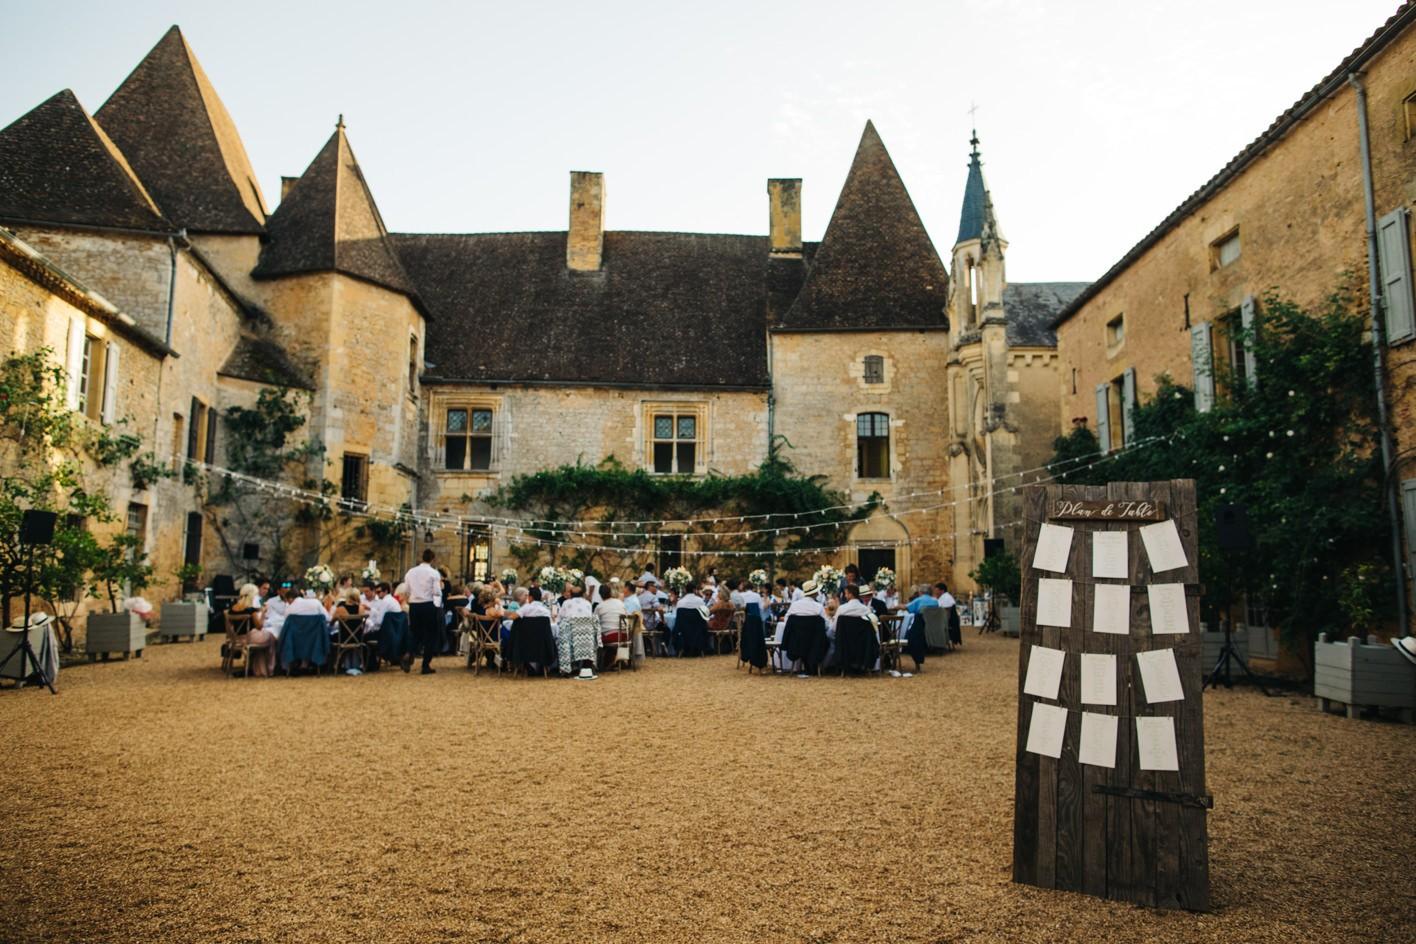 chateau courtyard wedding reception